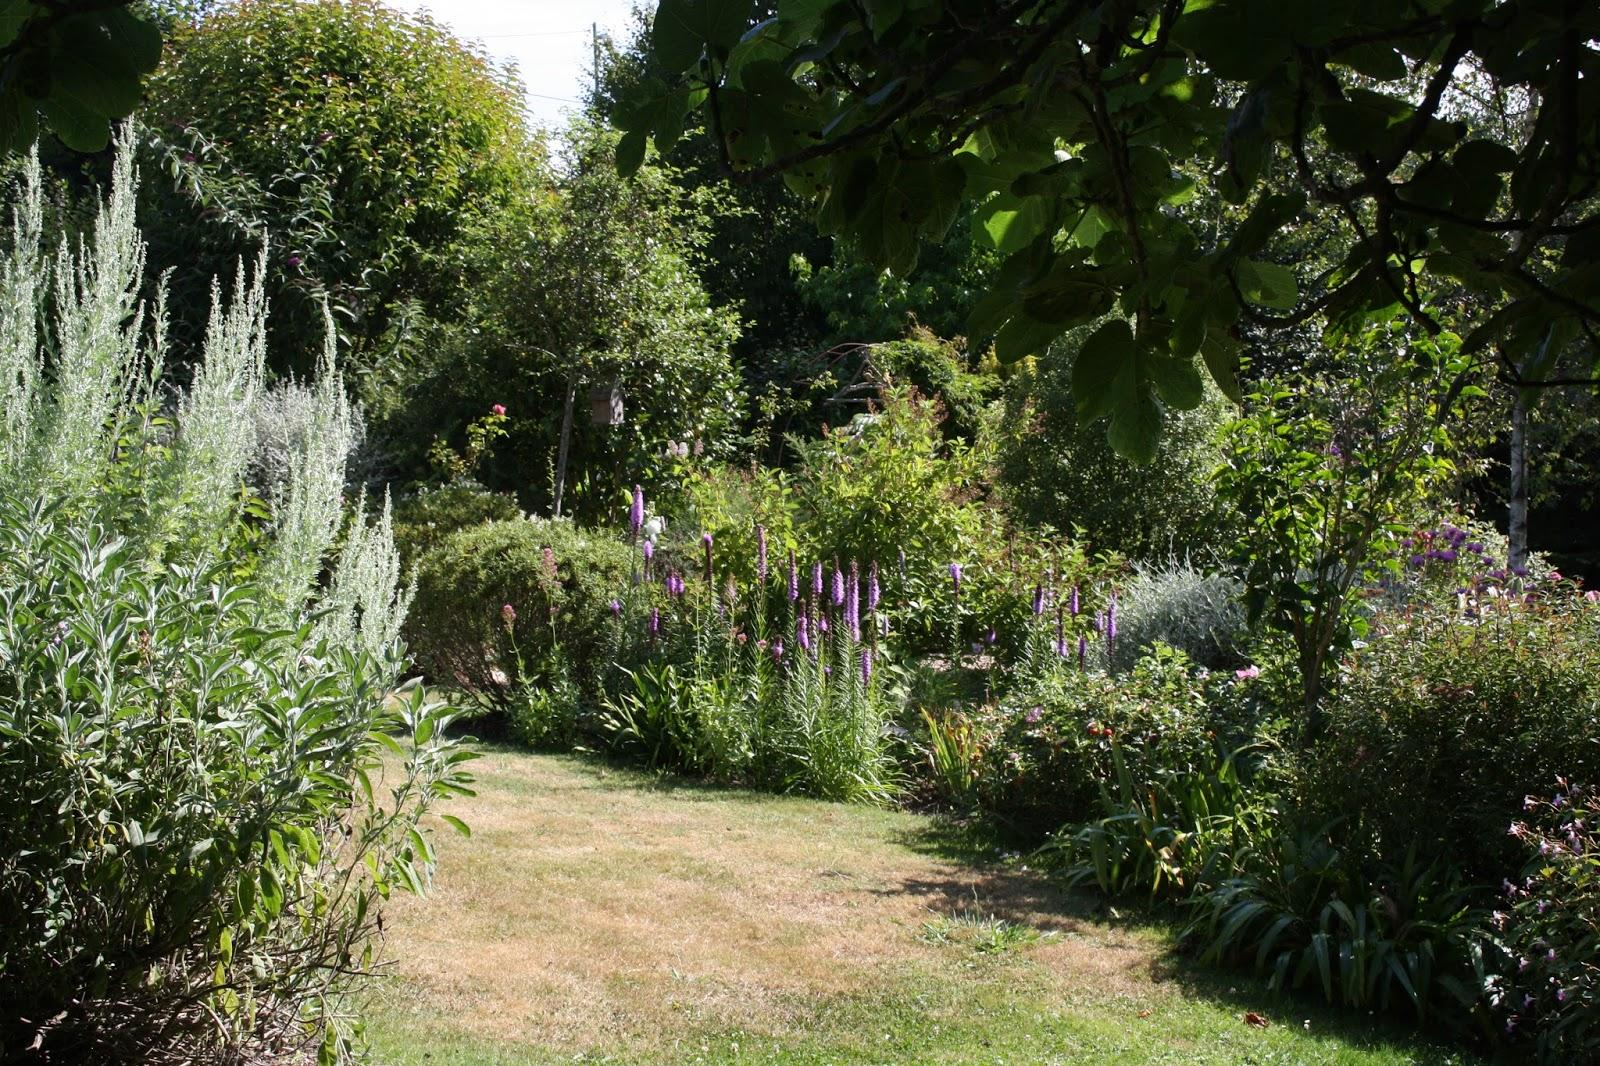 El jard n de margarita cosas del verano - Cosas del jardin ...